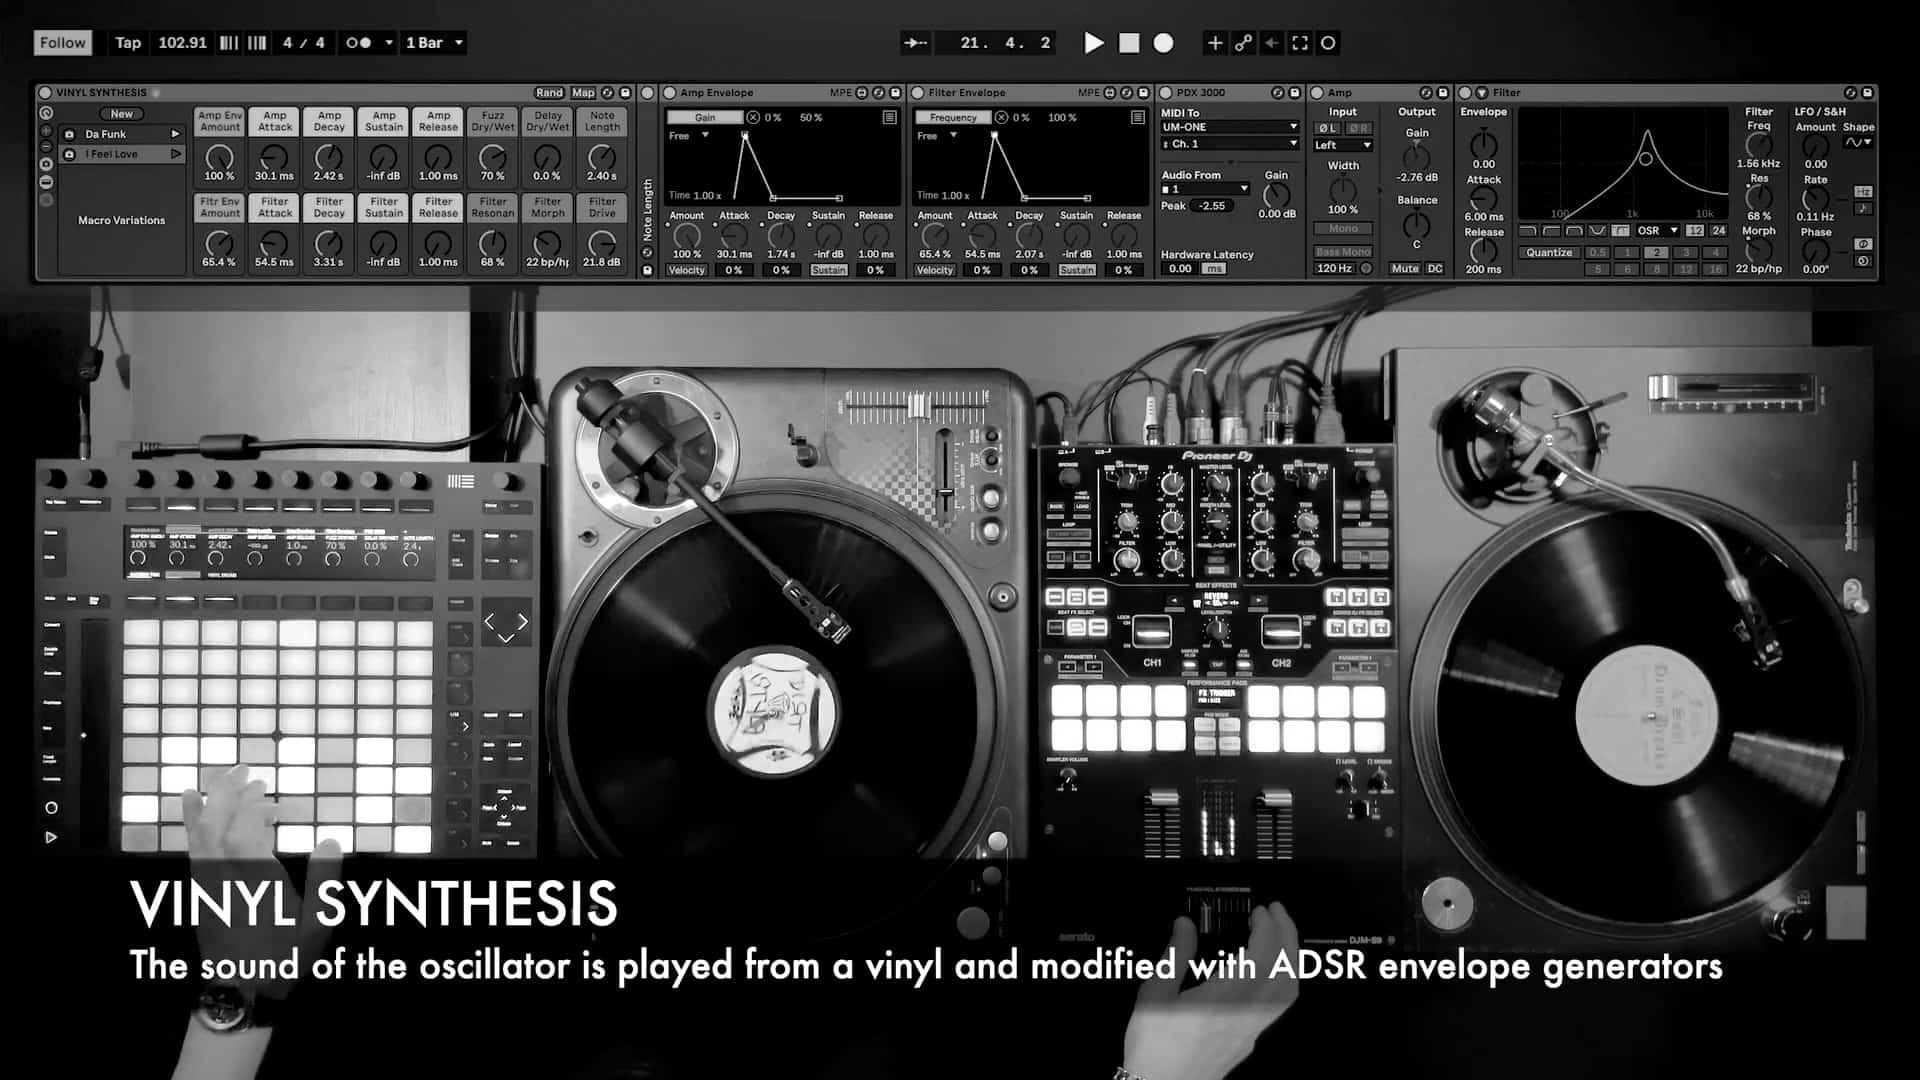 John Hype Vinyl Synthesis